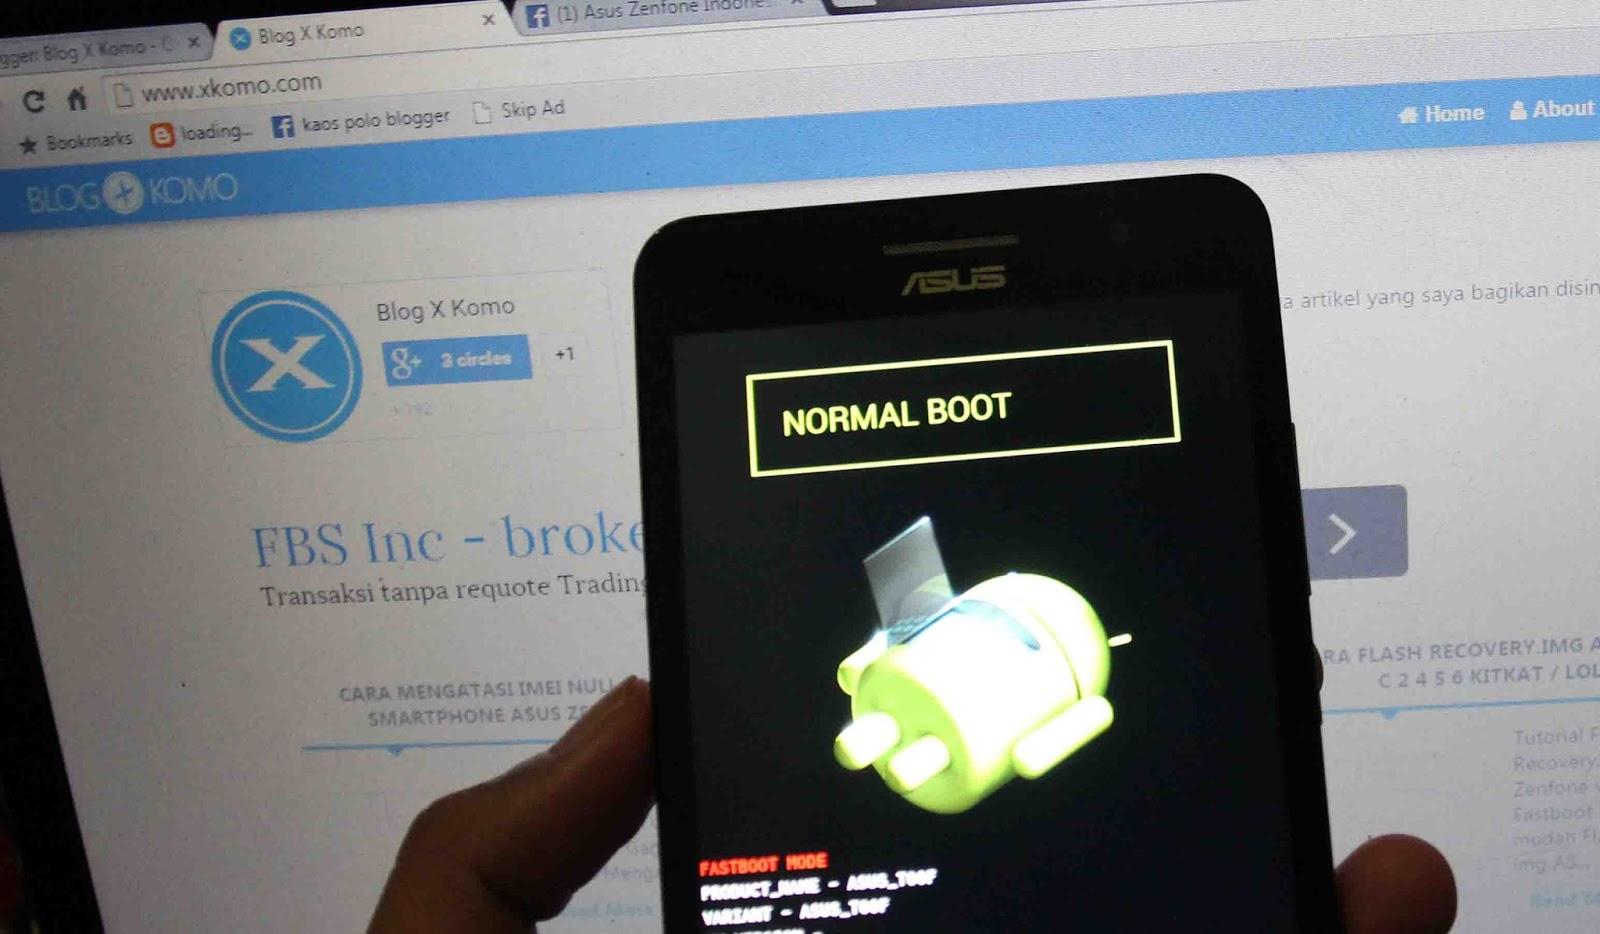 Tutorial Cara Masuk Ke Droidboot / Fastboot Mode Di ASUS